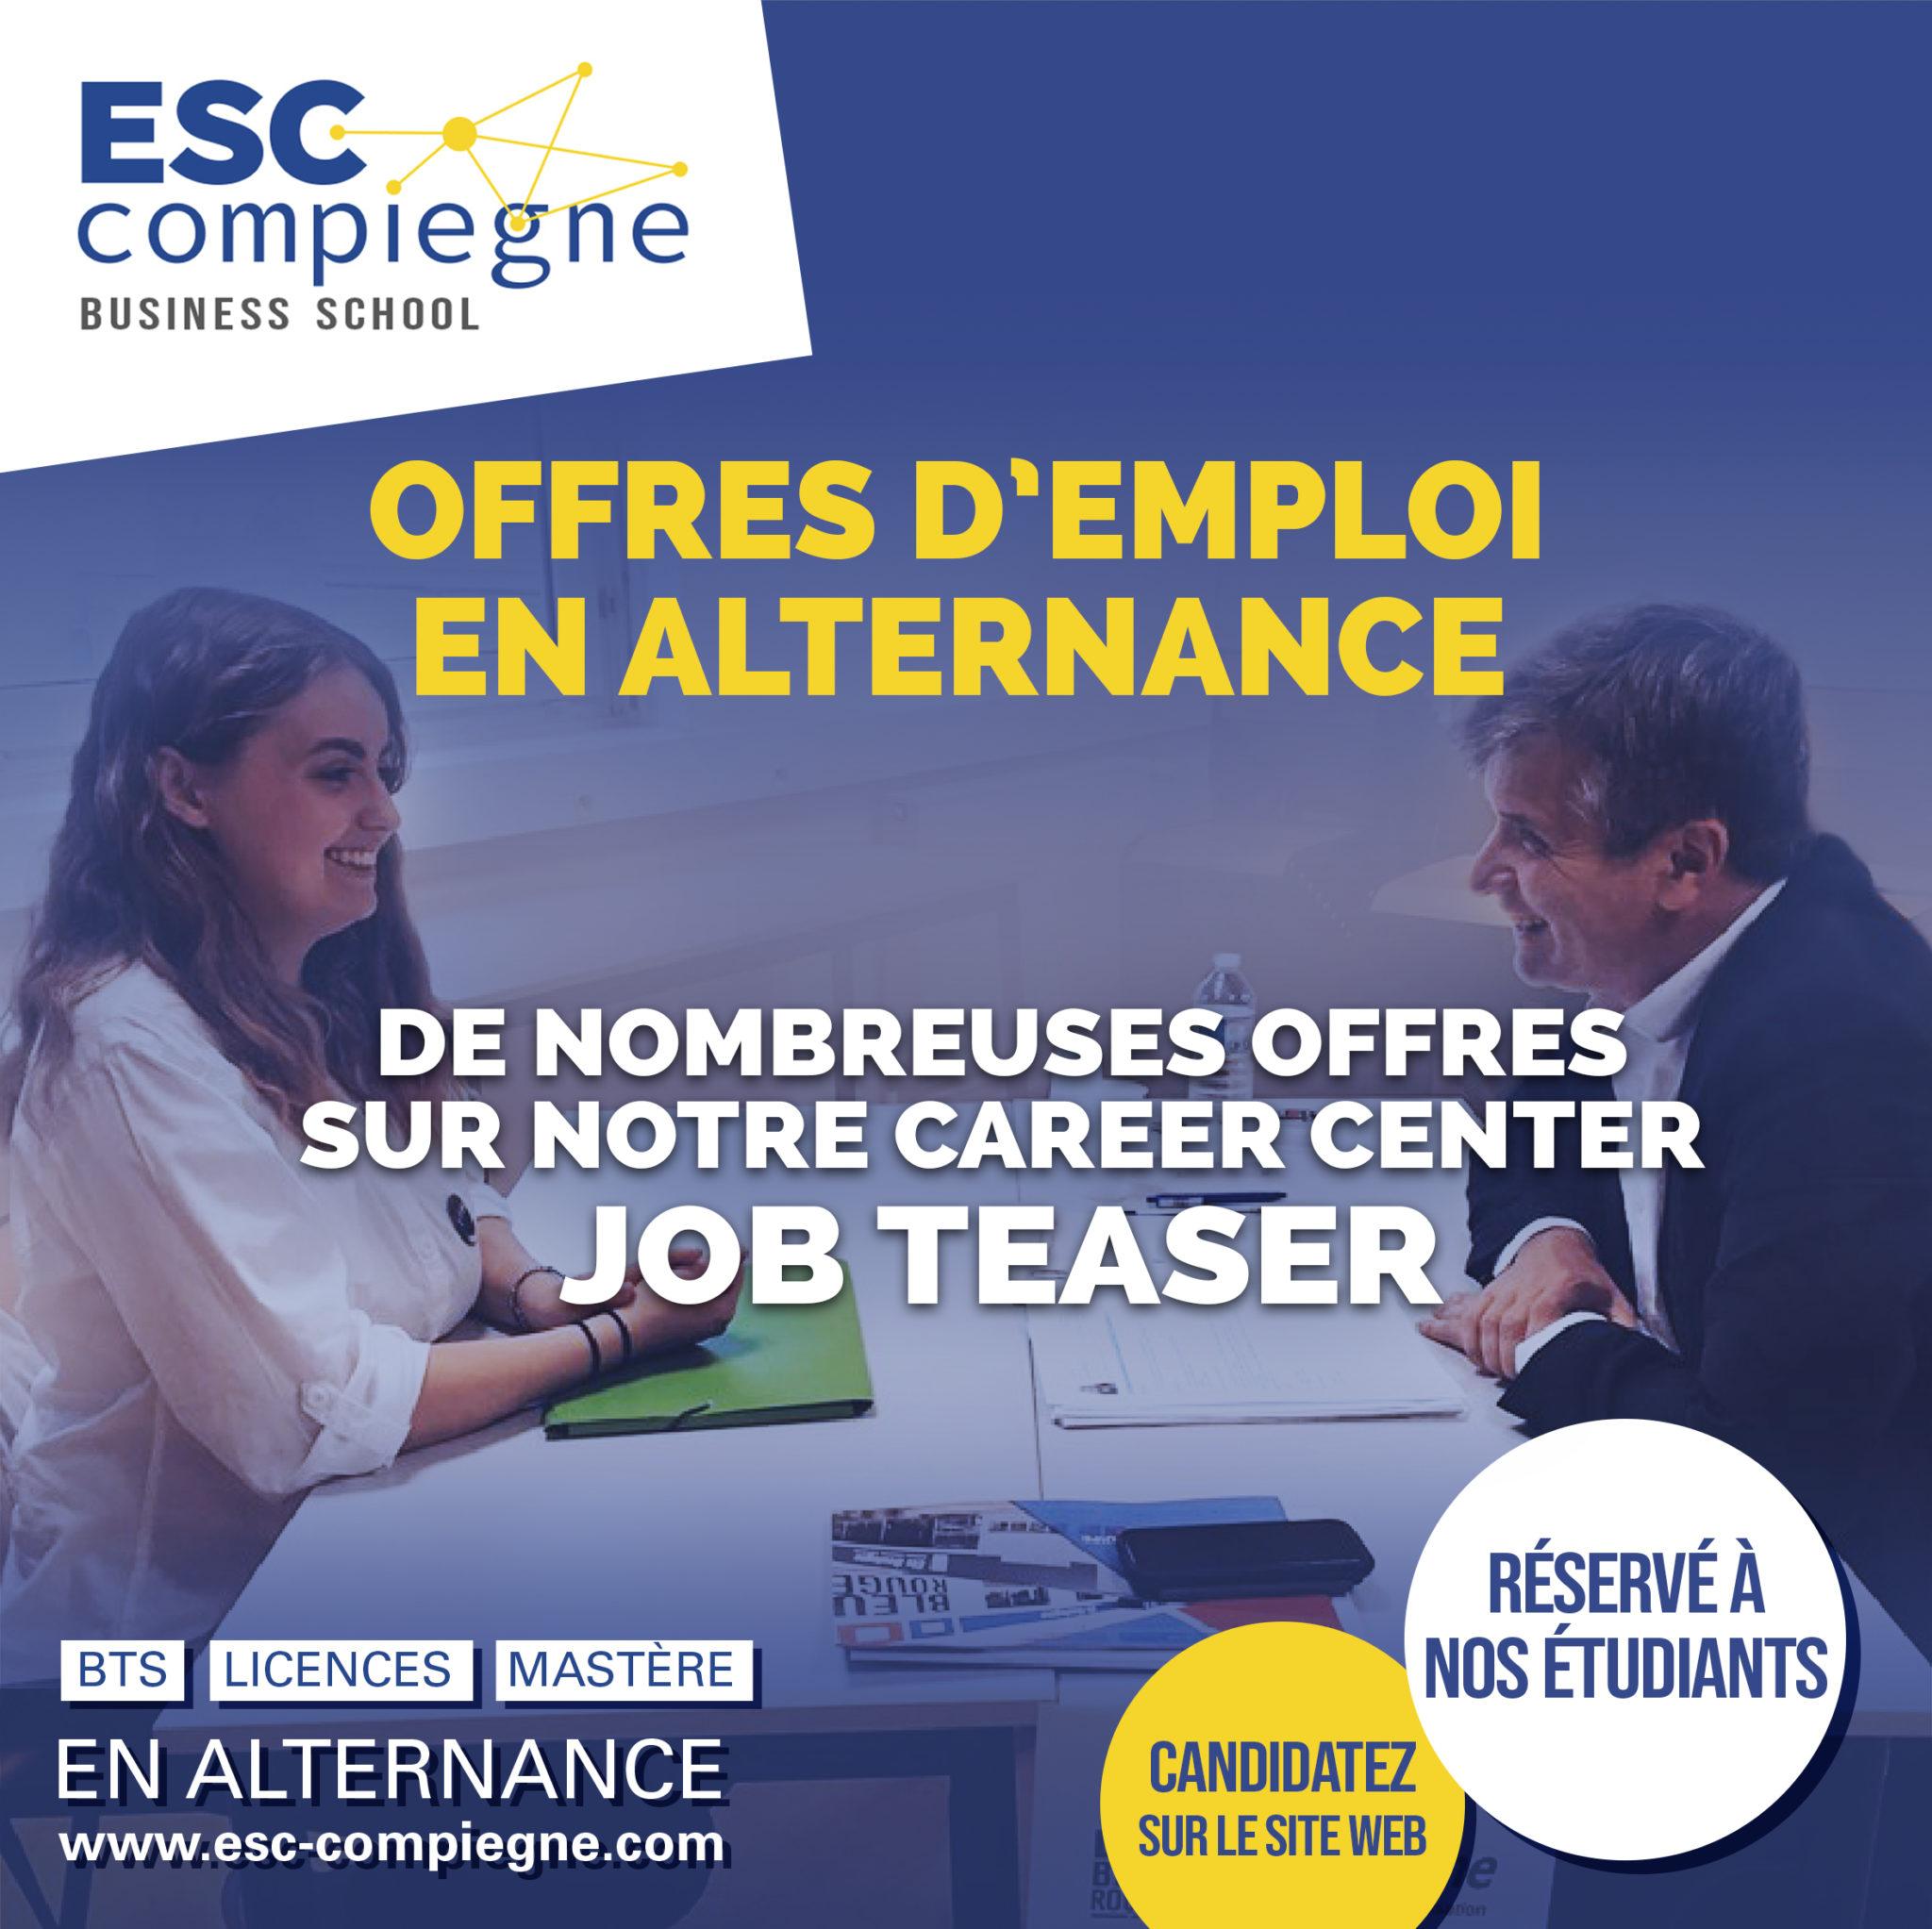 ESCC-Job-Teaser-carre